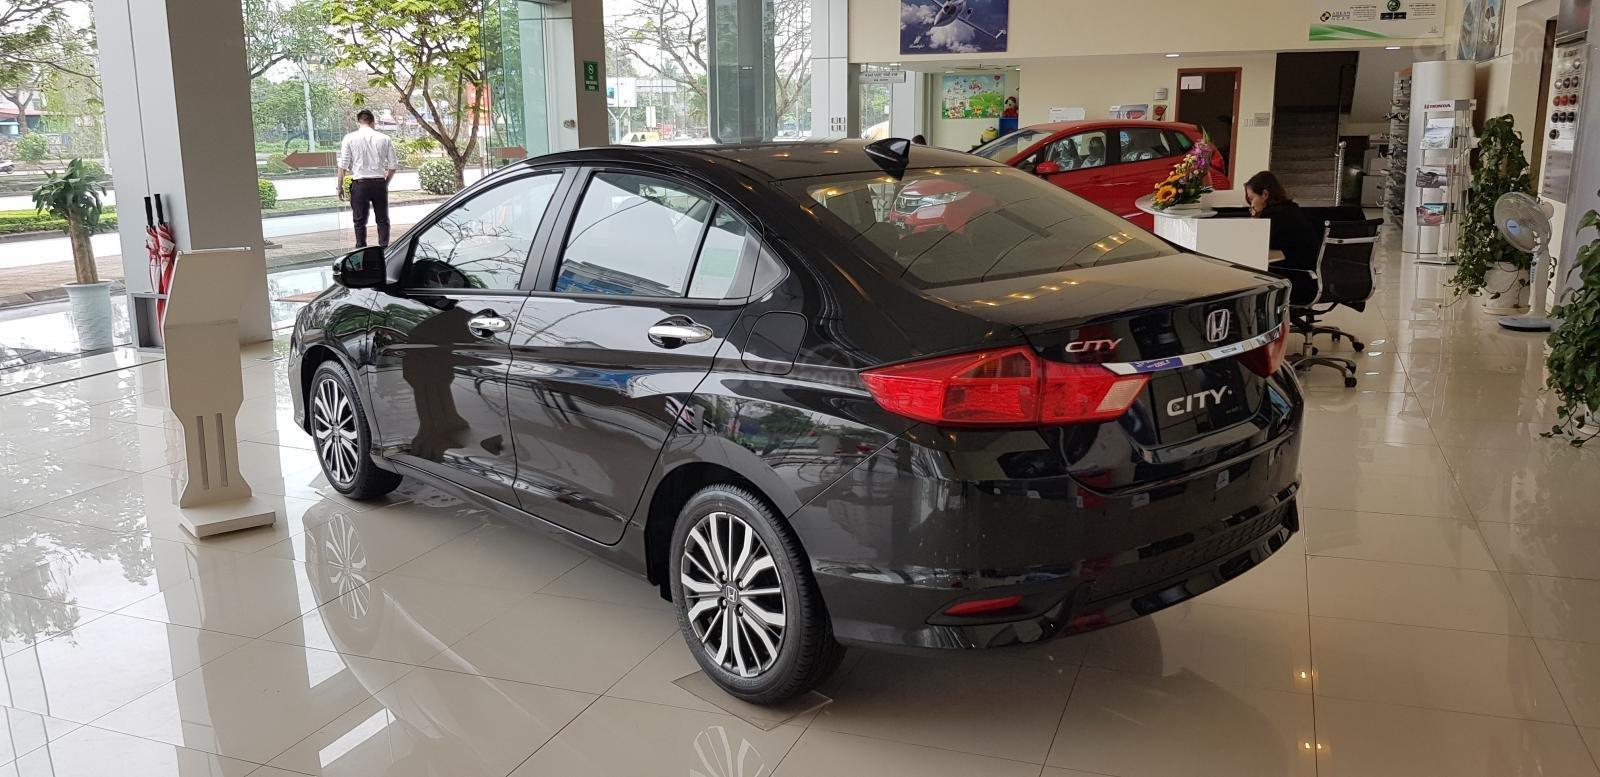 [Honda ô tô Hải Phòng] Bán xe Honda City 1.5 CVT - Giá tốt nhất - Hotline: 094.964.1093 (3)